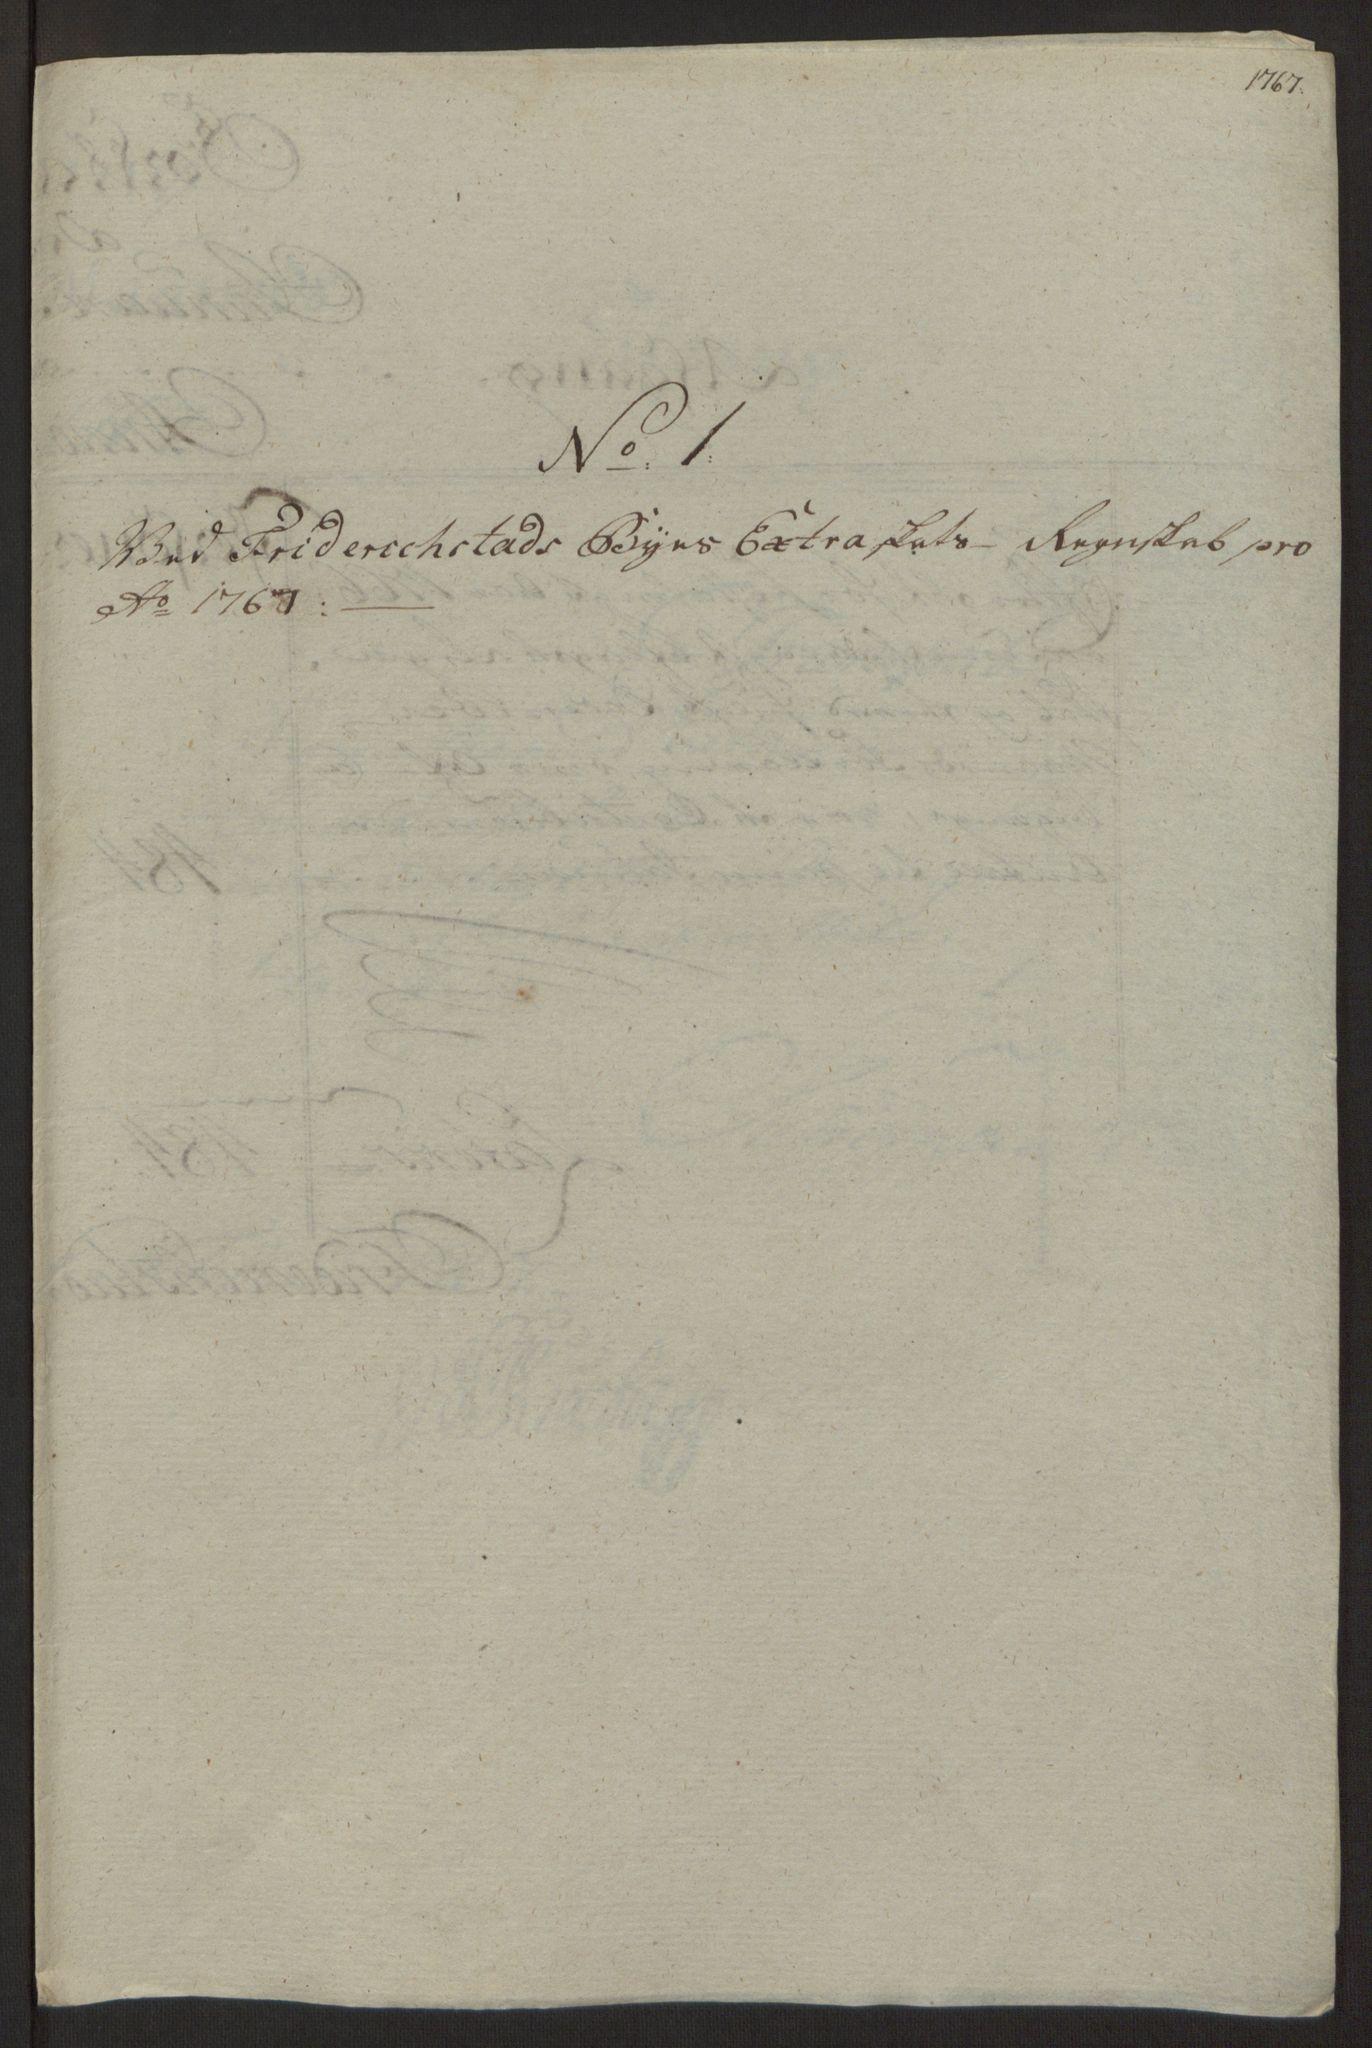 RA, Rentekammeret inntil 1814, Reviderte regnskaper, Byregnskaper, R/Rb/L0029: [B3] Kontribusjonsregnskap, 1762-1772, s. 246